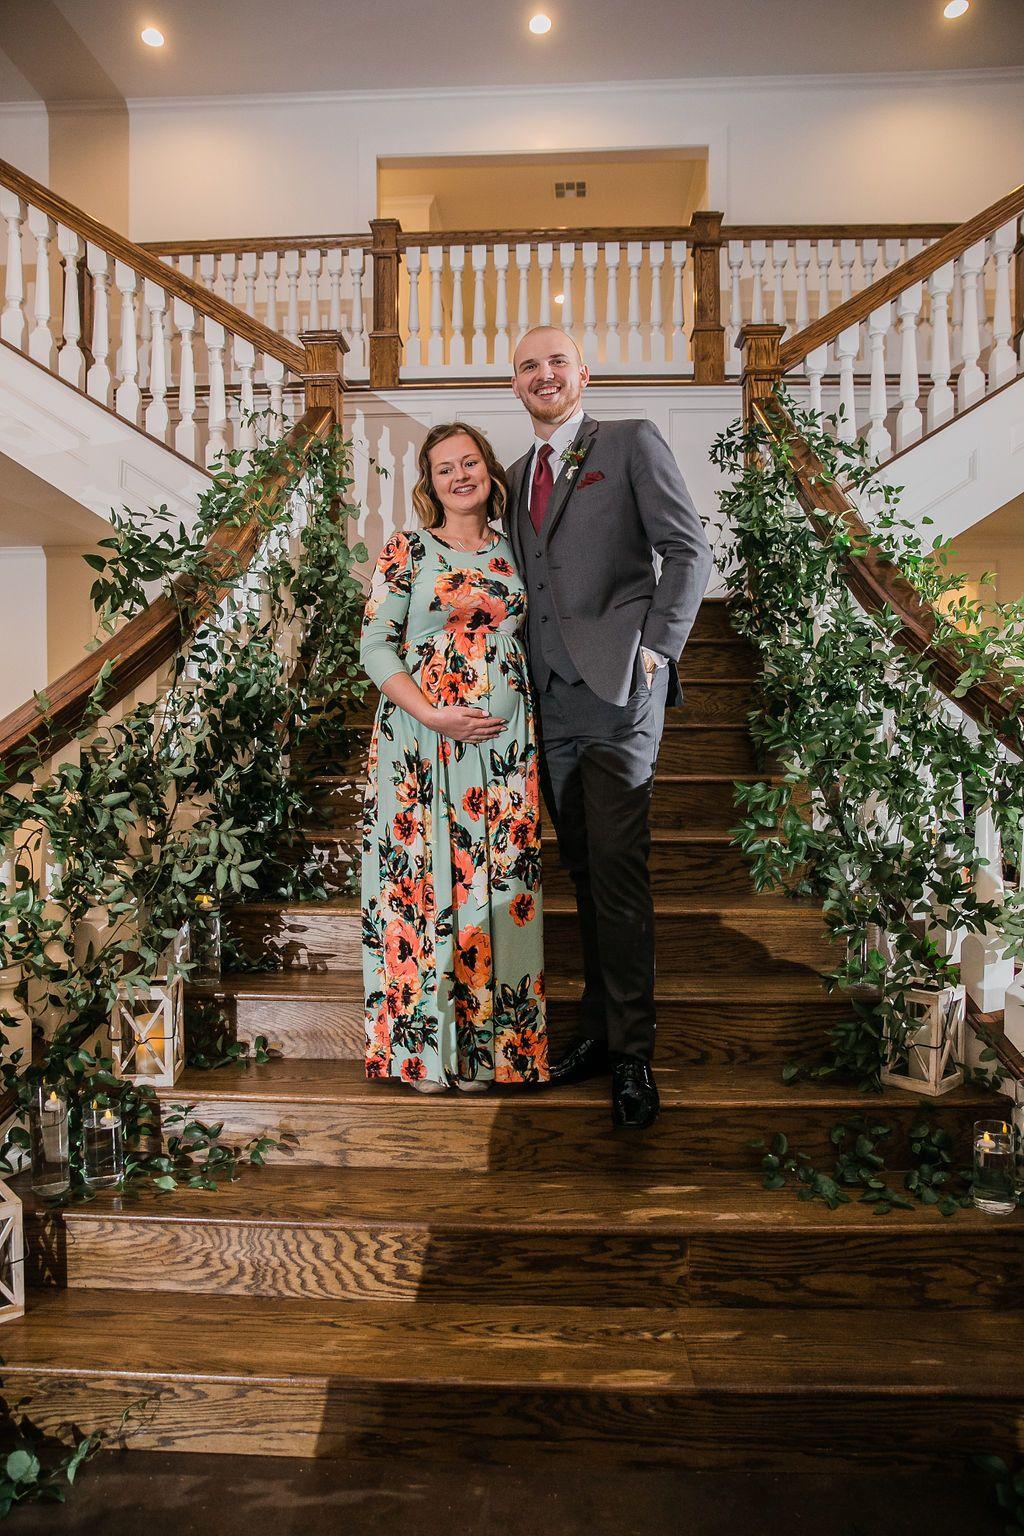 Wedding Venue Rockwall Manor in 2020 | Wedding reception ...